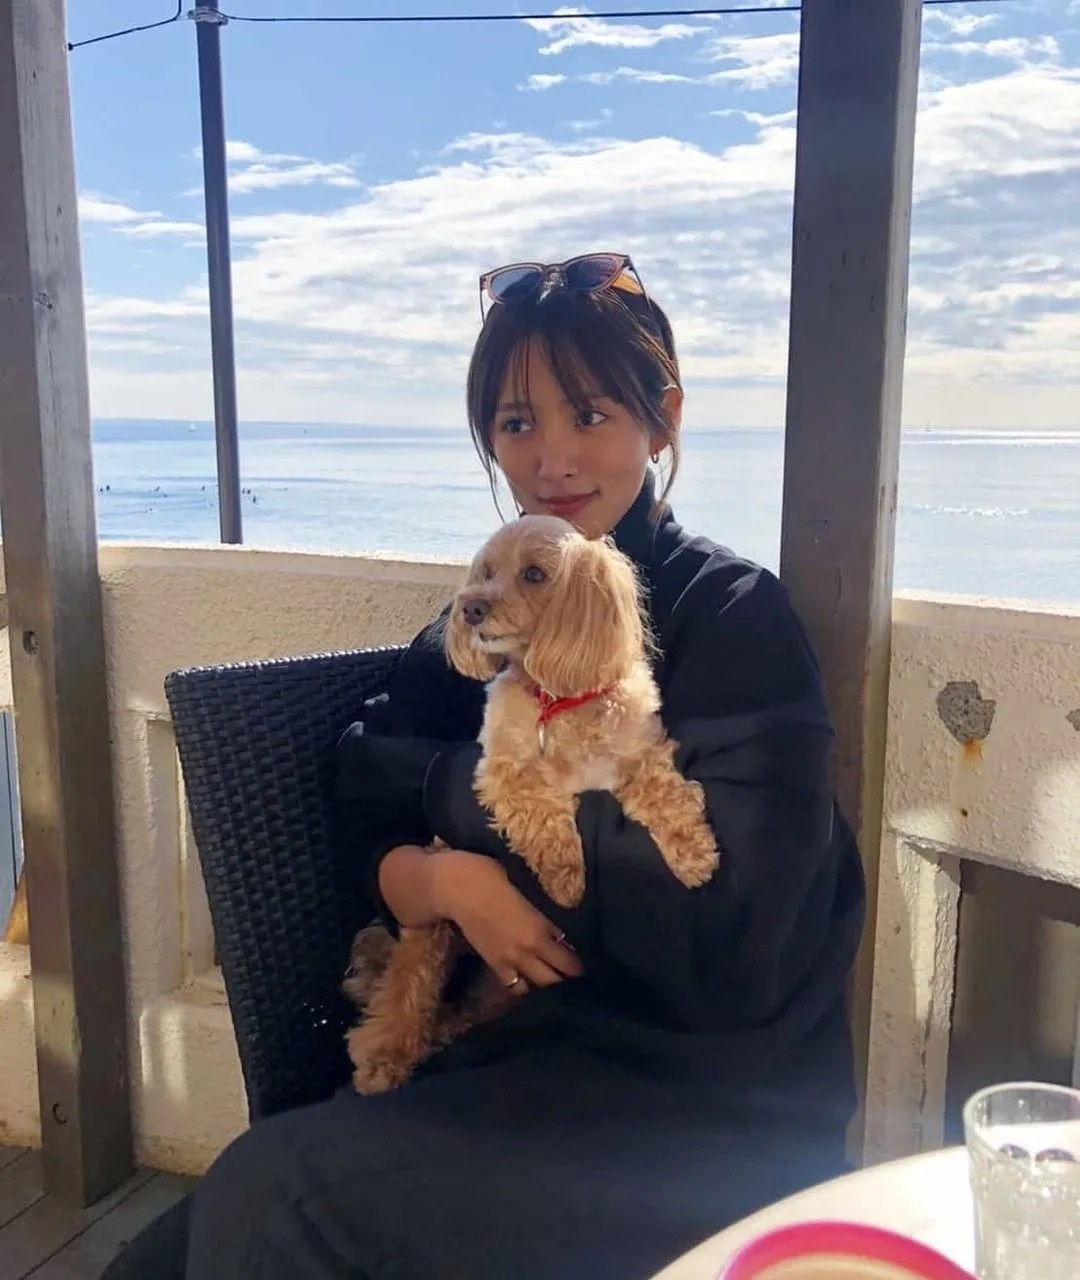 离爆红只差一点点的日本演员夏菜将和圈外男友结婚 (5)